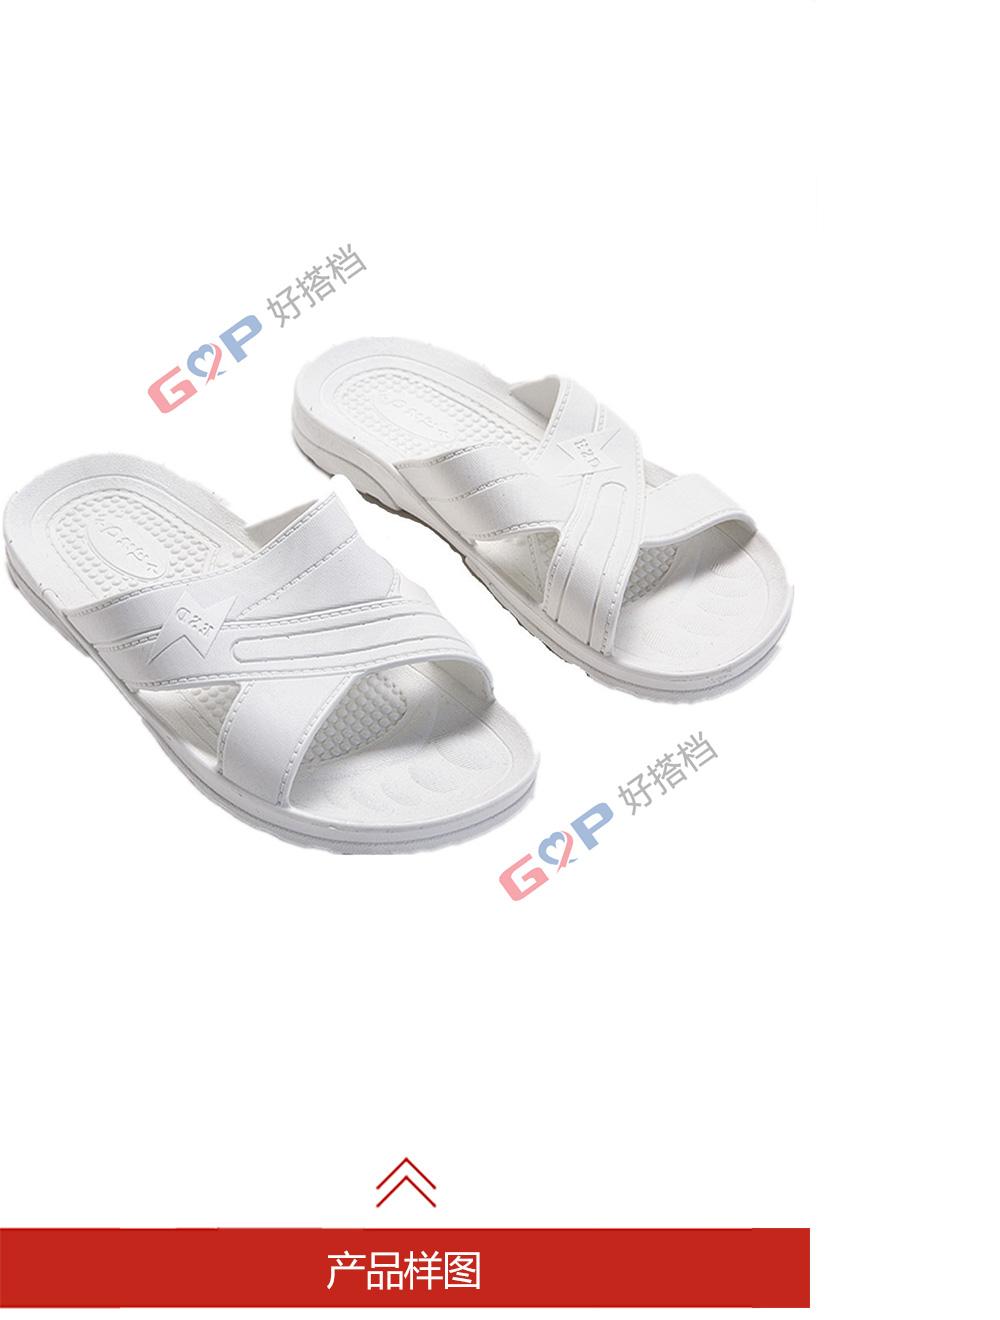 3-101防静电拖鞋白色